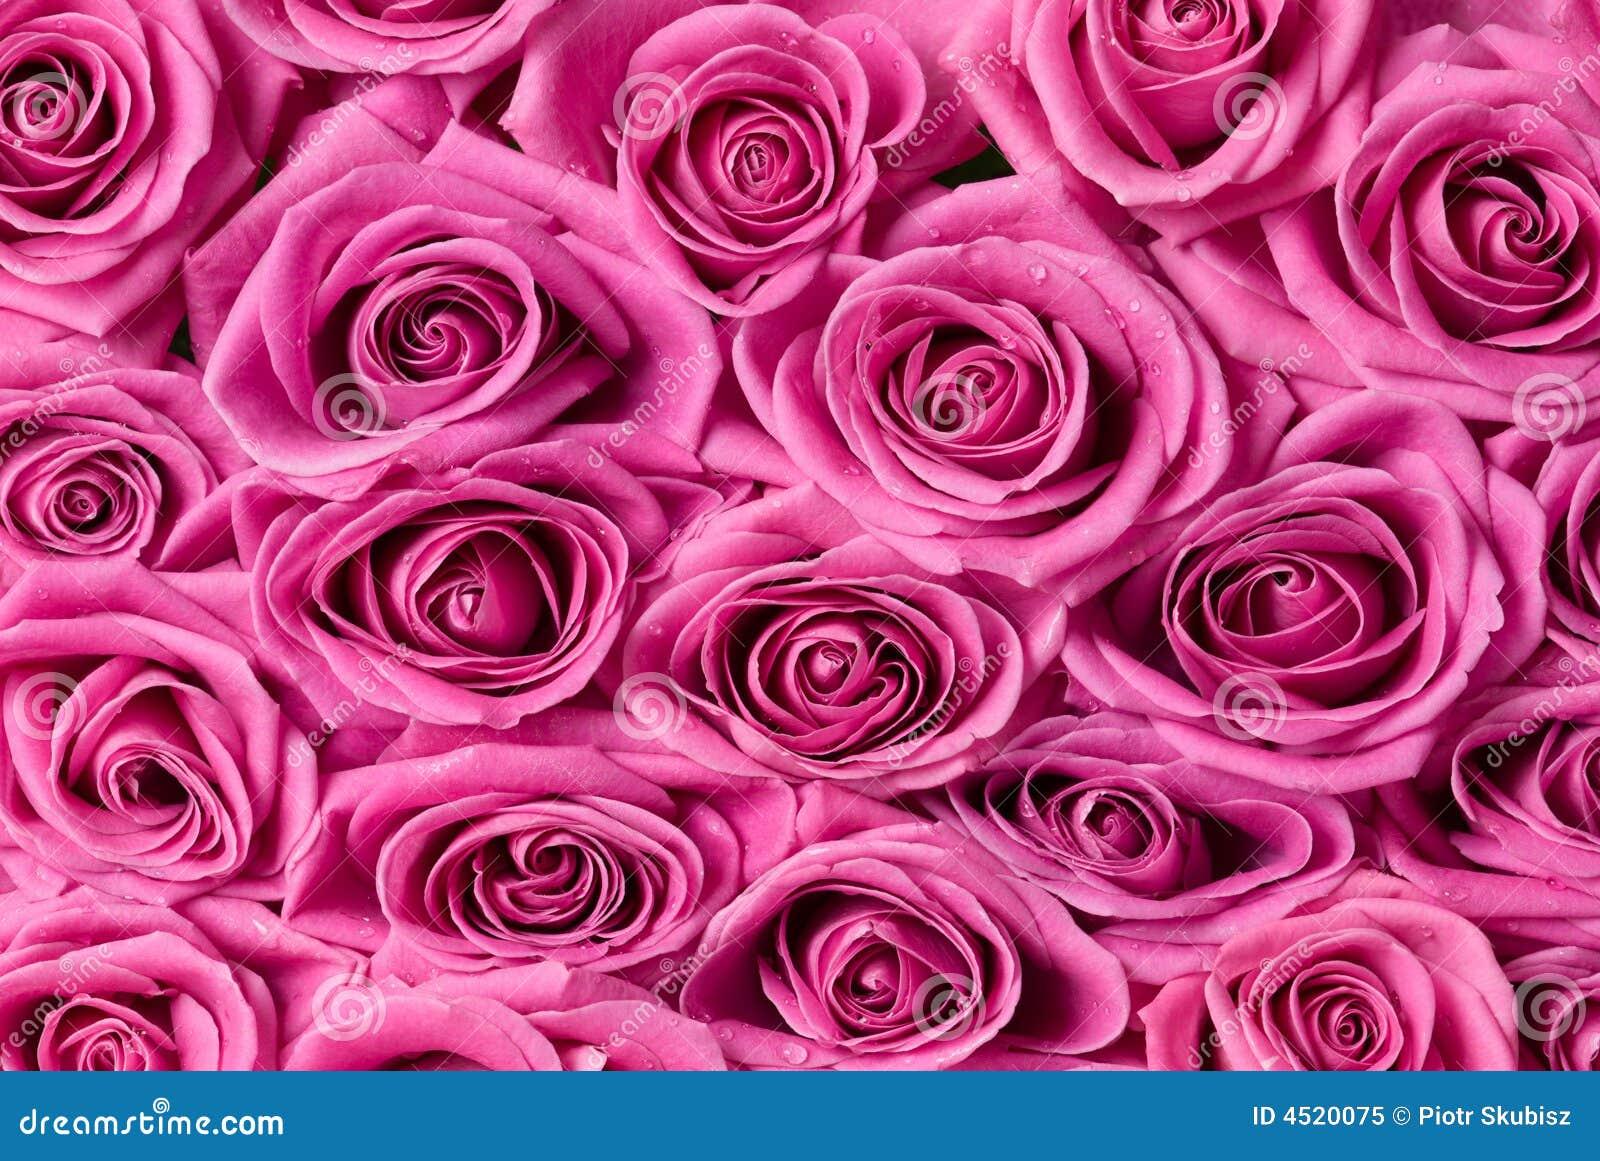 Roze rozen.